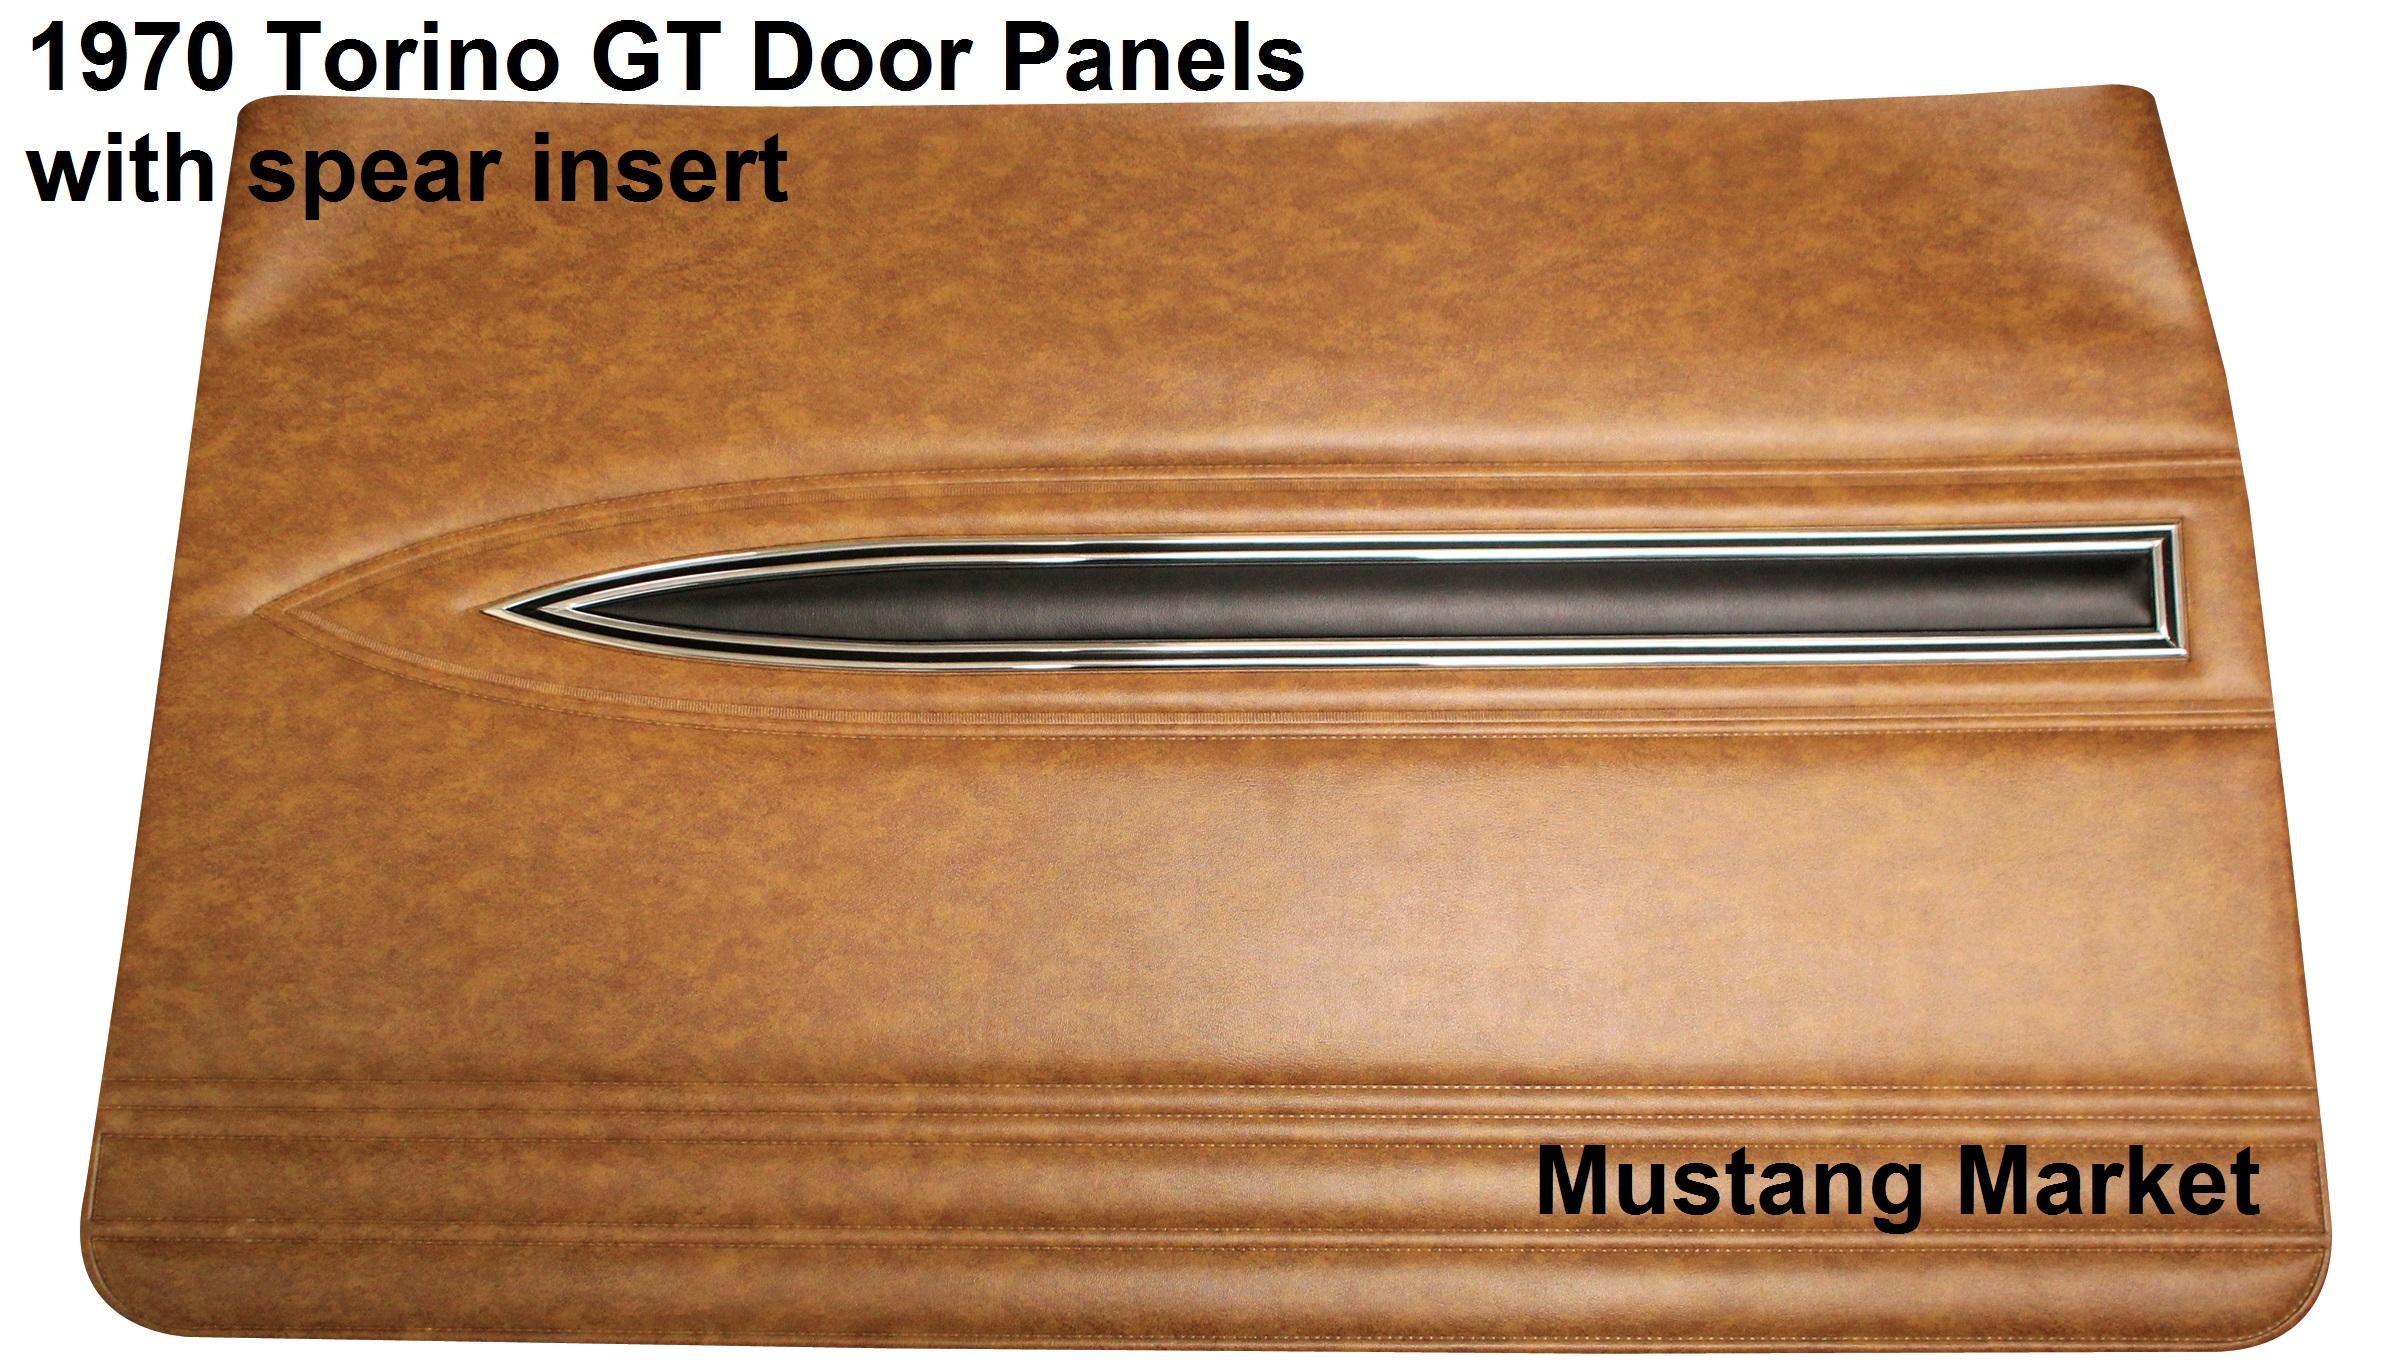 Torino Gt Door Panels